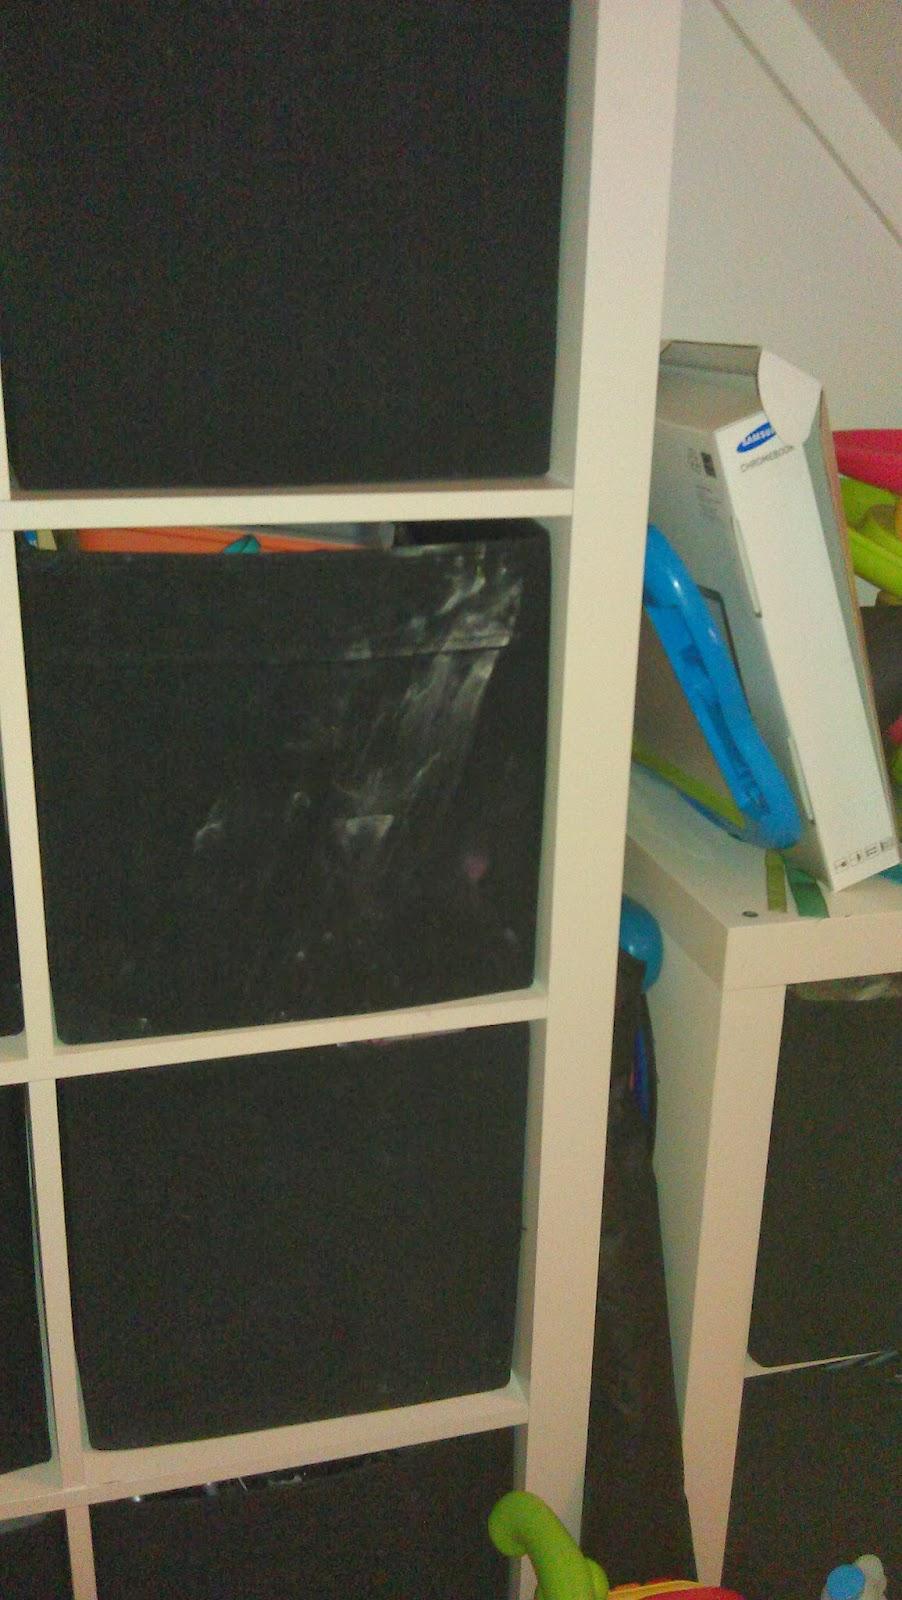 Ikea Black Friday Bed Room Set Offer